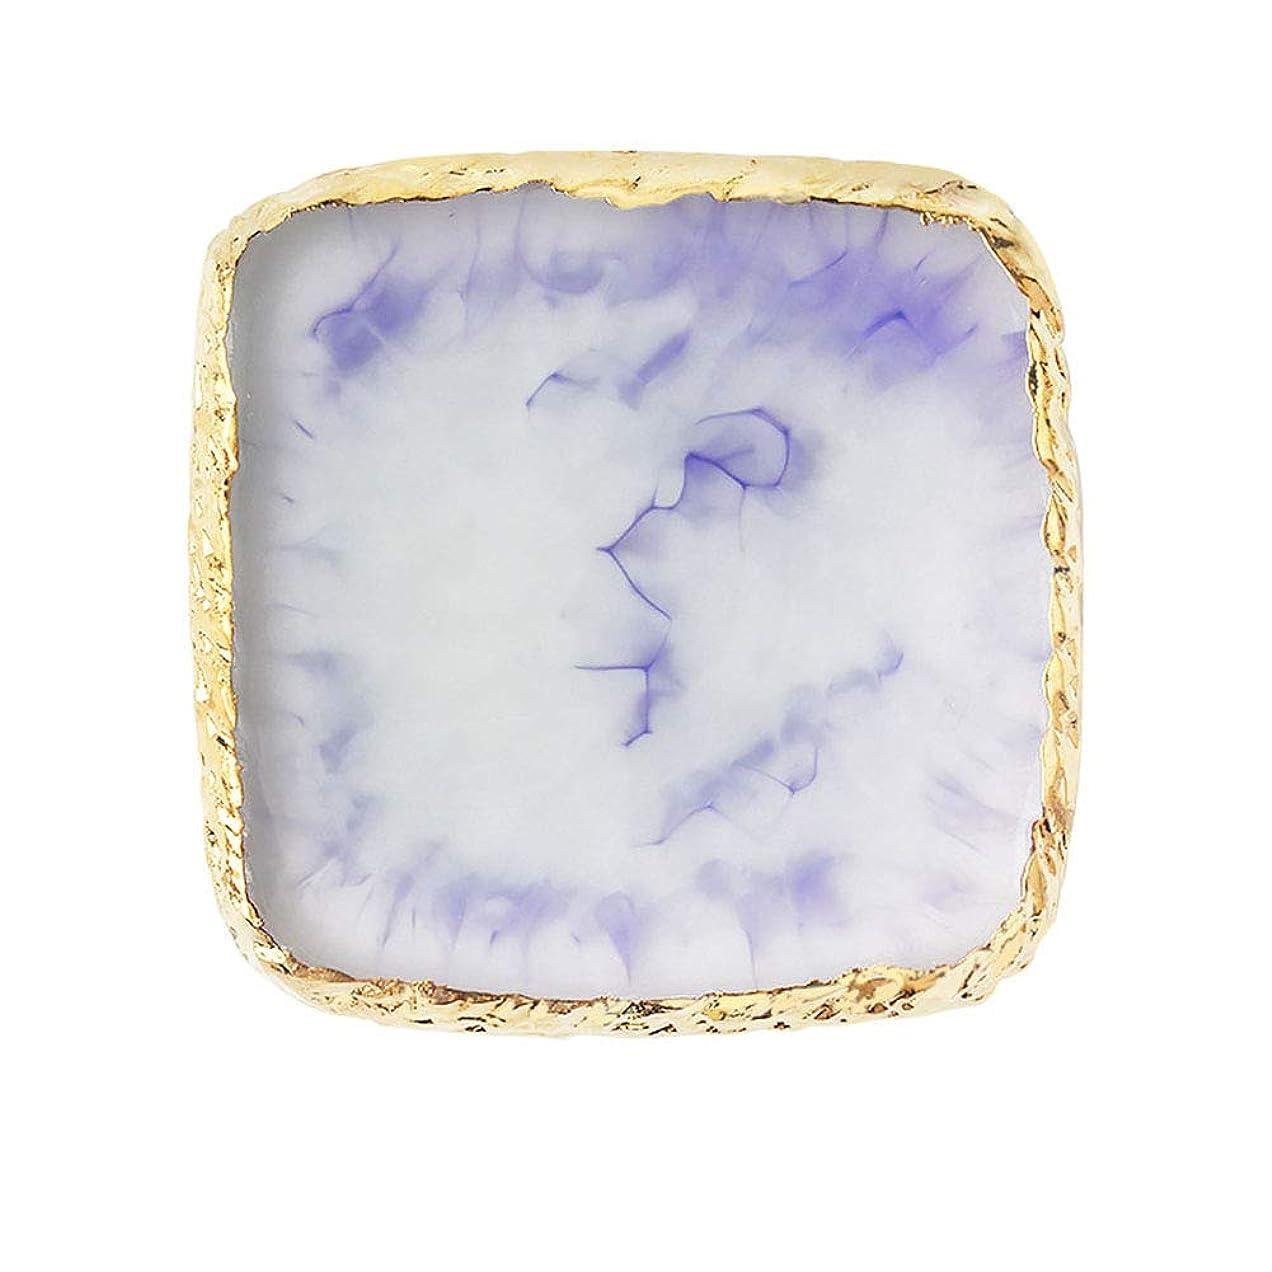 ルーフプレゼンテーション絶滅させるネイルアートパレット FidgetFidget 天然樹脂ストーンネイルアートカラーパレットアクリルゲルポリッシュホルダー図面カラーペイントディッシュ接着パレットディスプレイ 2#紫